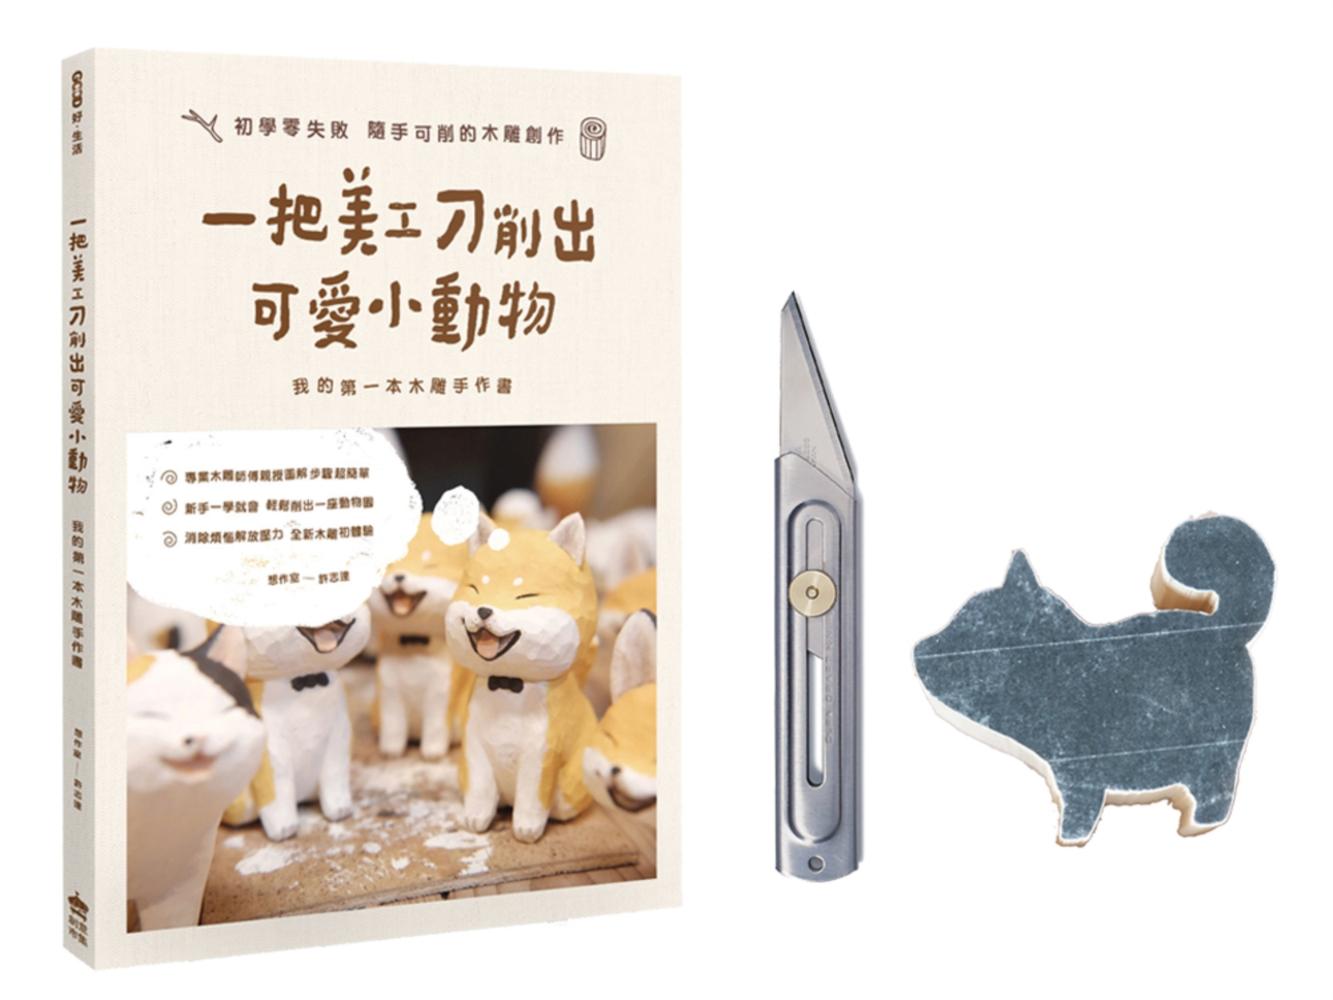 【獨家萌柴木頭工具套裝組】一把美工刀削出可愛小動物+萌柴造形木頭+日本OLFA CK-2不鏽鋼工藝刀